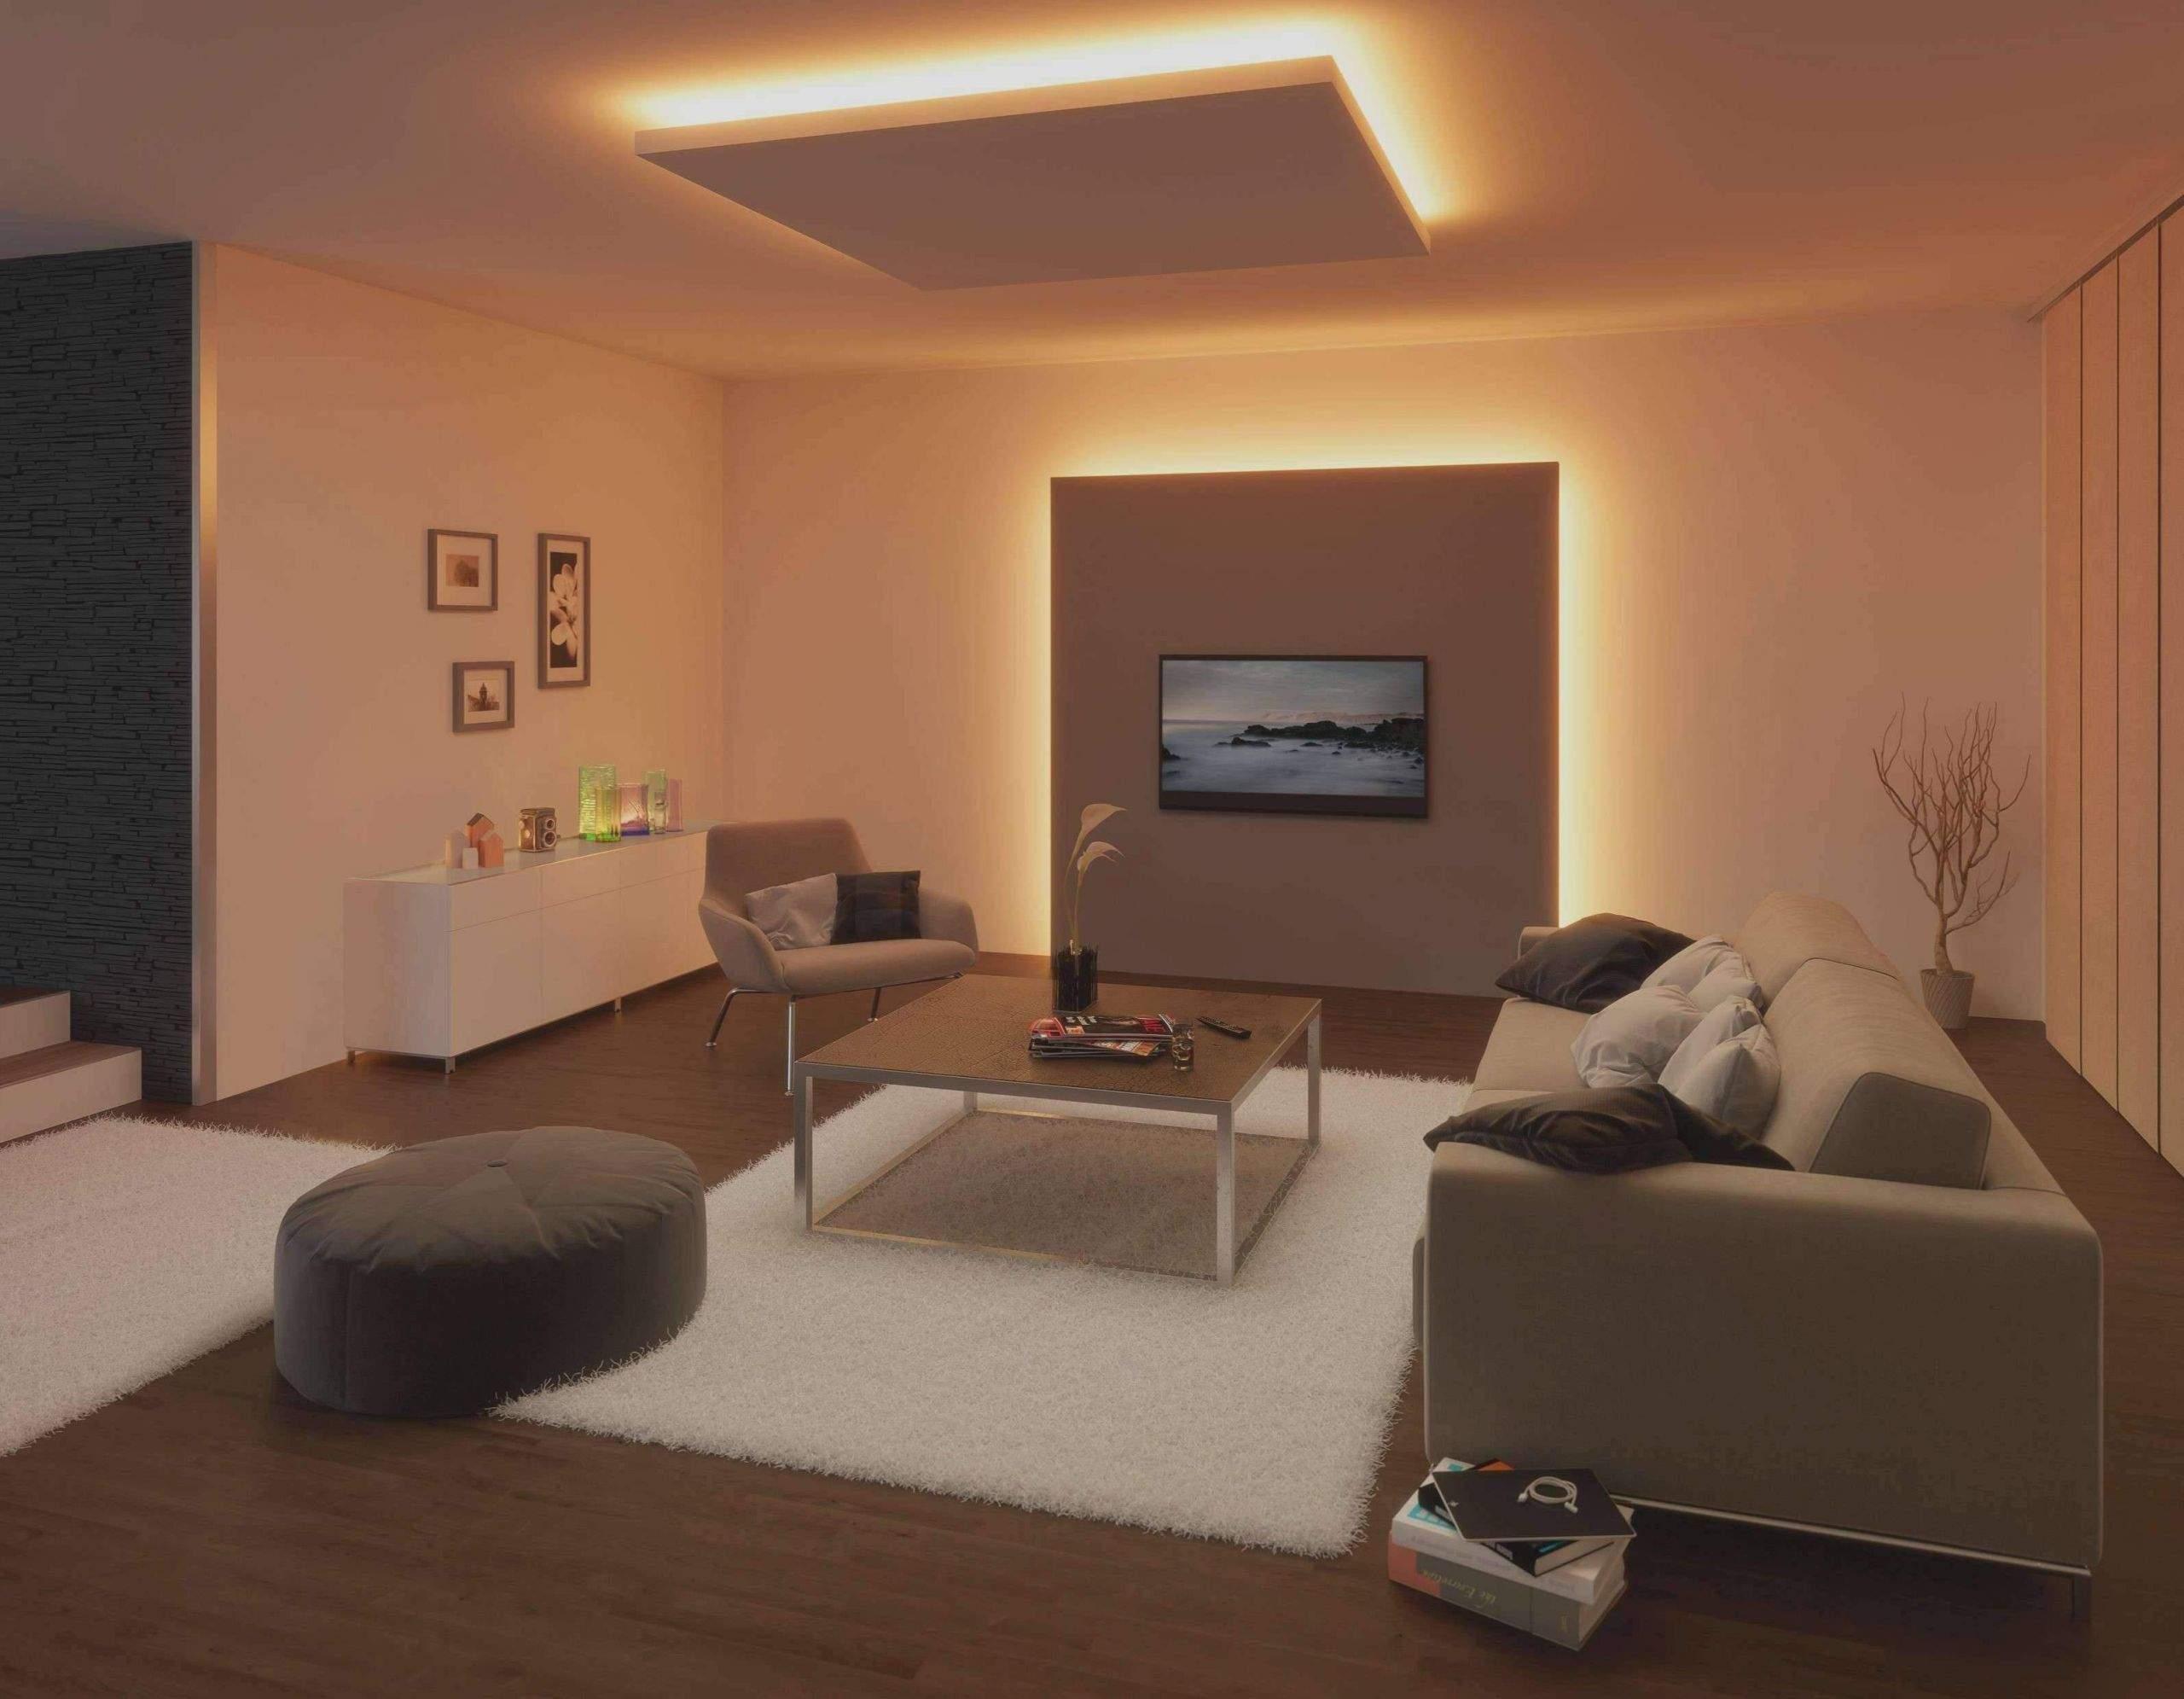 wohnzimmer holz einzigartig uhr wohnzimmer ideen was solltest du tun of wohnzimmer holz scaled